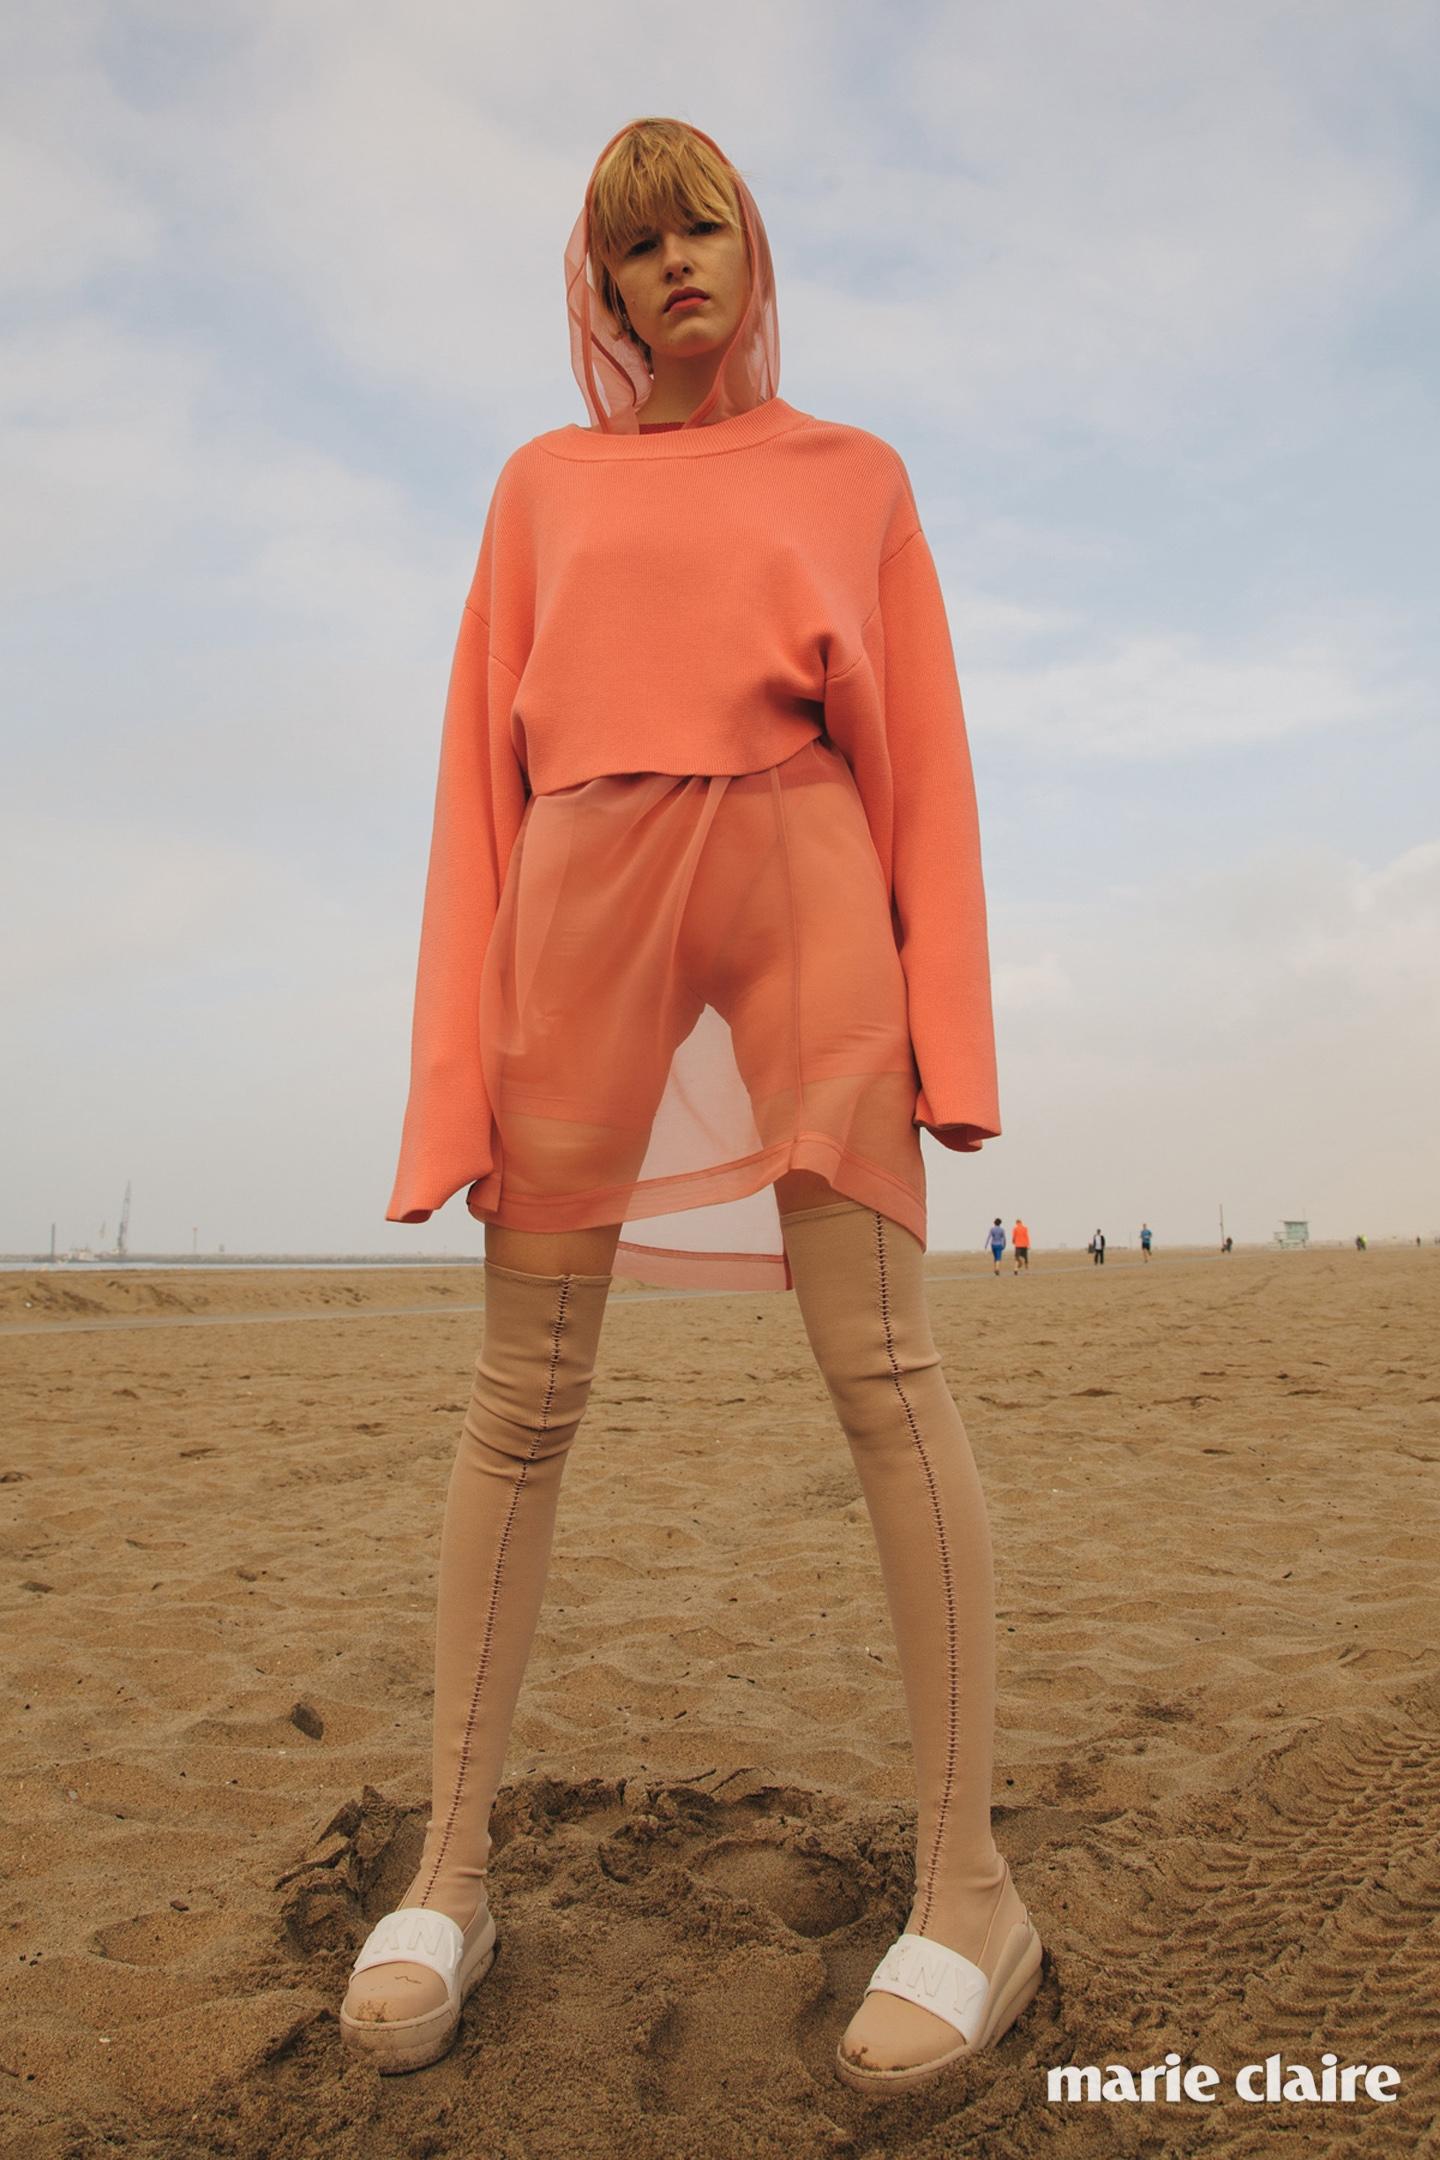 코튼 스웨터, 비스코스 후드 톱, 시스루 코튼 쇼츠, 폴리에스테르 부츠 모두 디케이엔와이(DKNY).